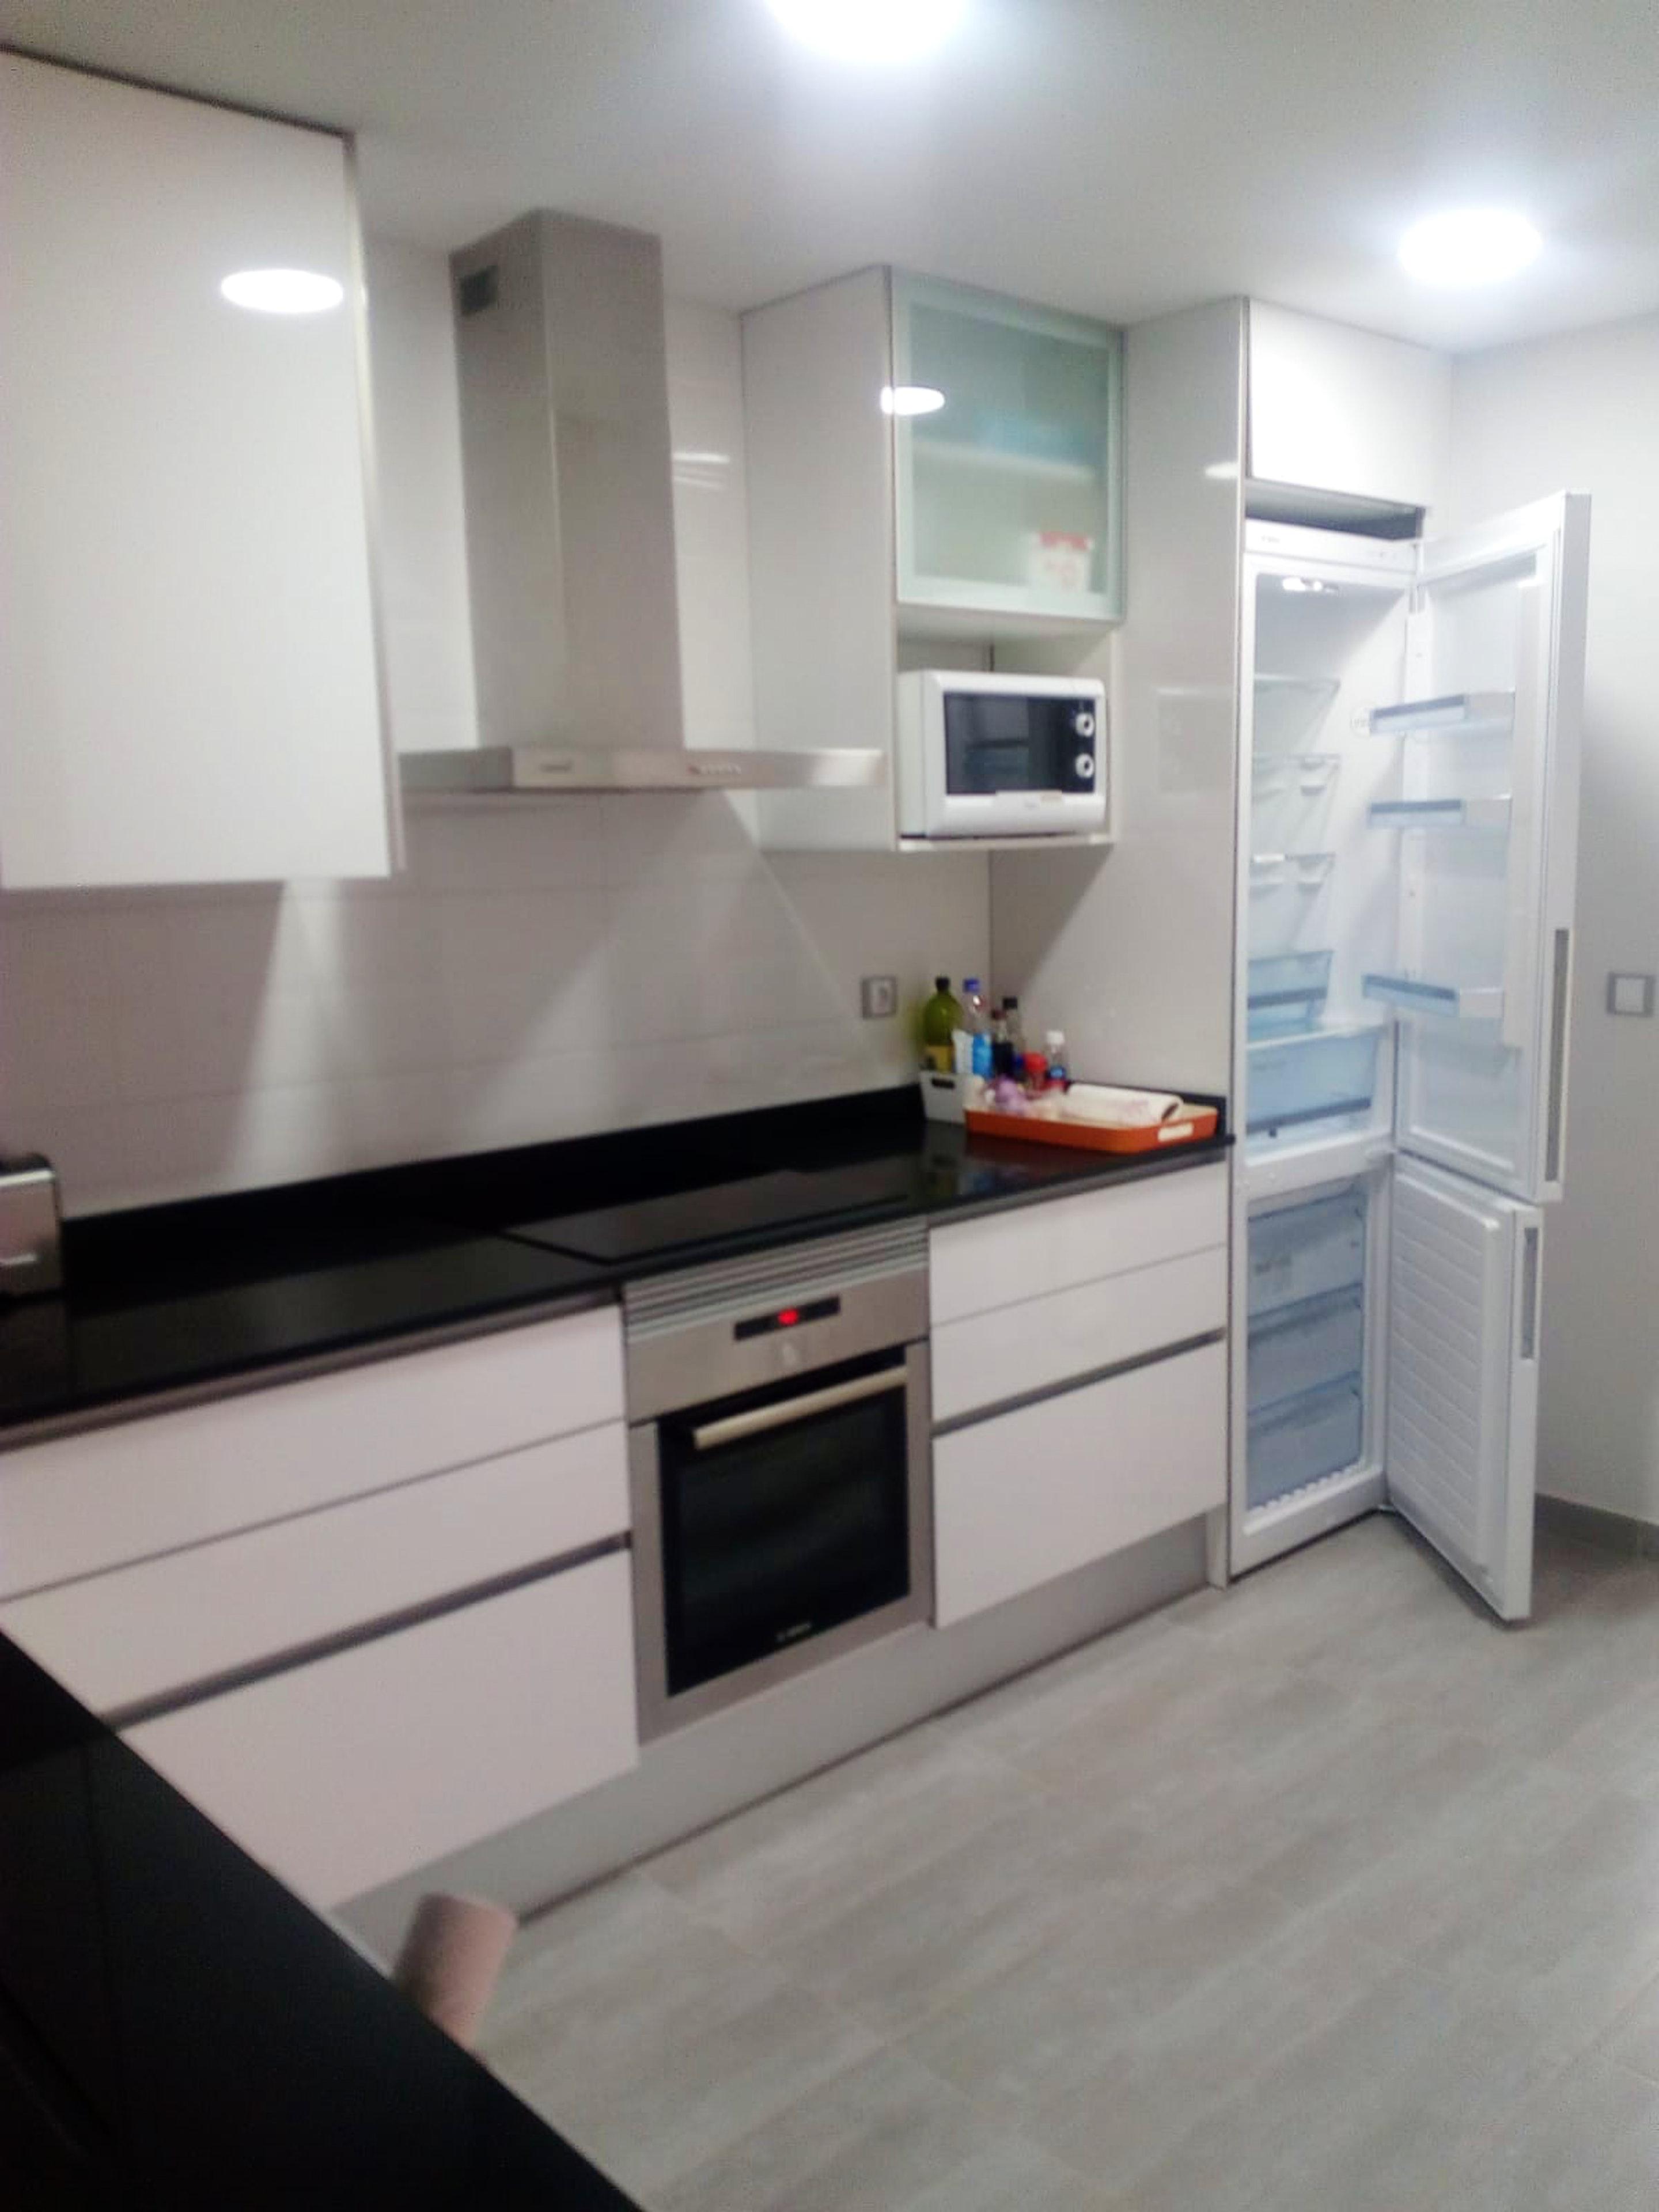 Ferienwohnung Wohnung mit 2 Schlafzimmern in San Juan de los Terreros mit herrlichem Meerblick, Pool, ei (2372661), San Juan de los Terreros, Costa de Almeria, Andalusien, Spanien, Bild 7